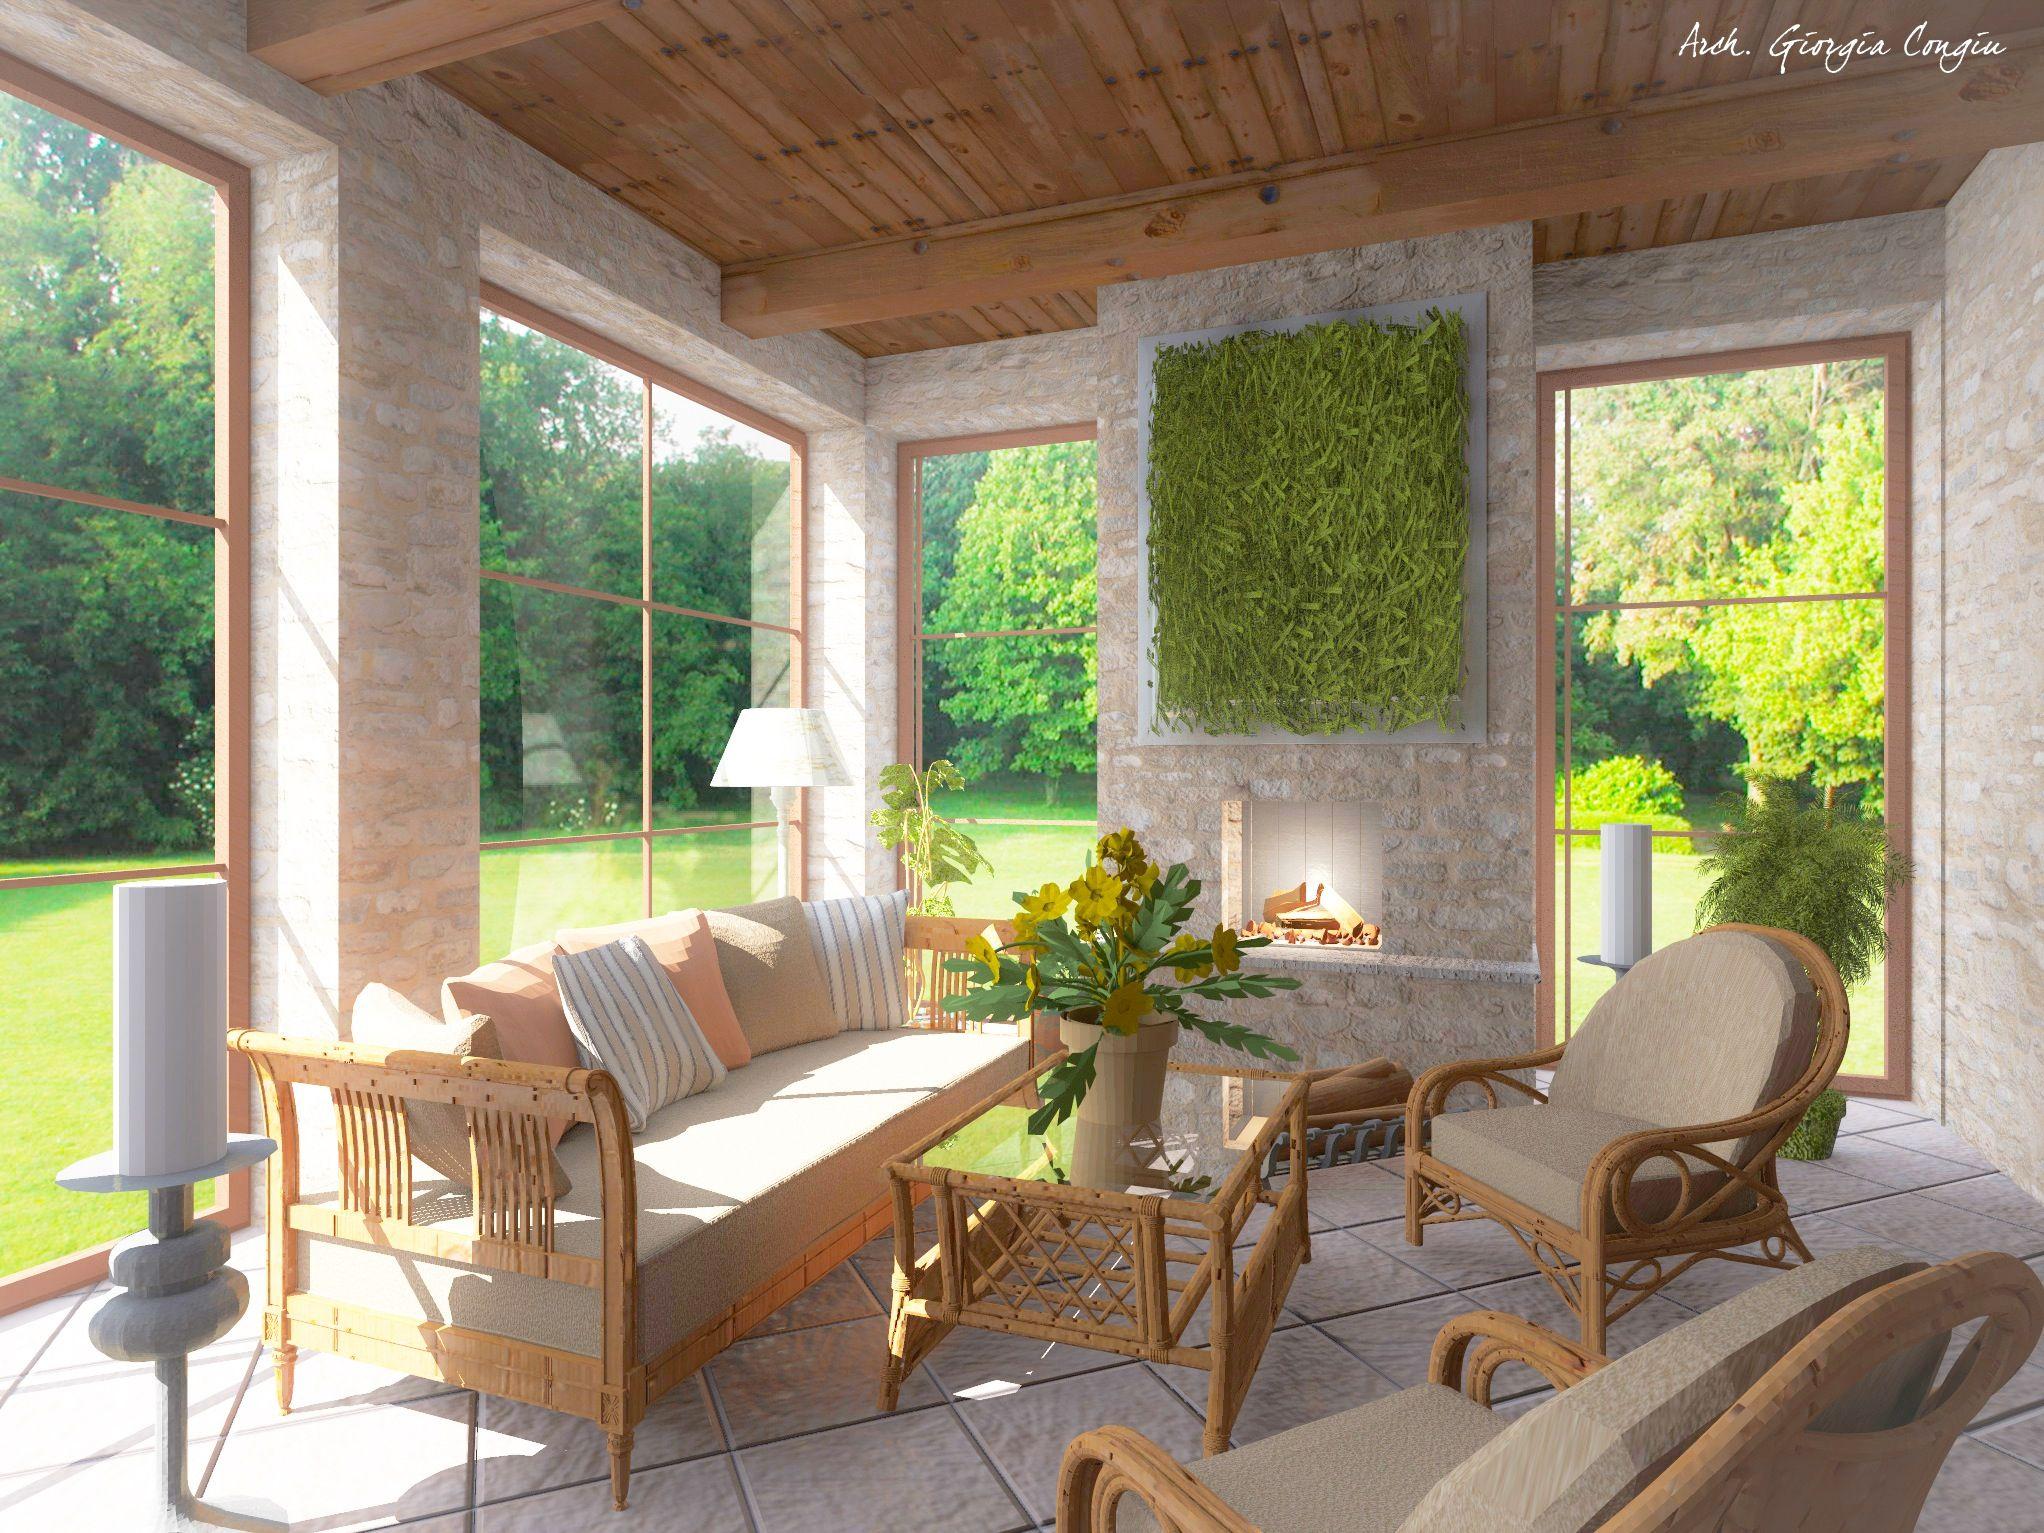 Progetti arredamento arredamento with progetti for Progetti di pool house con cucina esterna